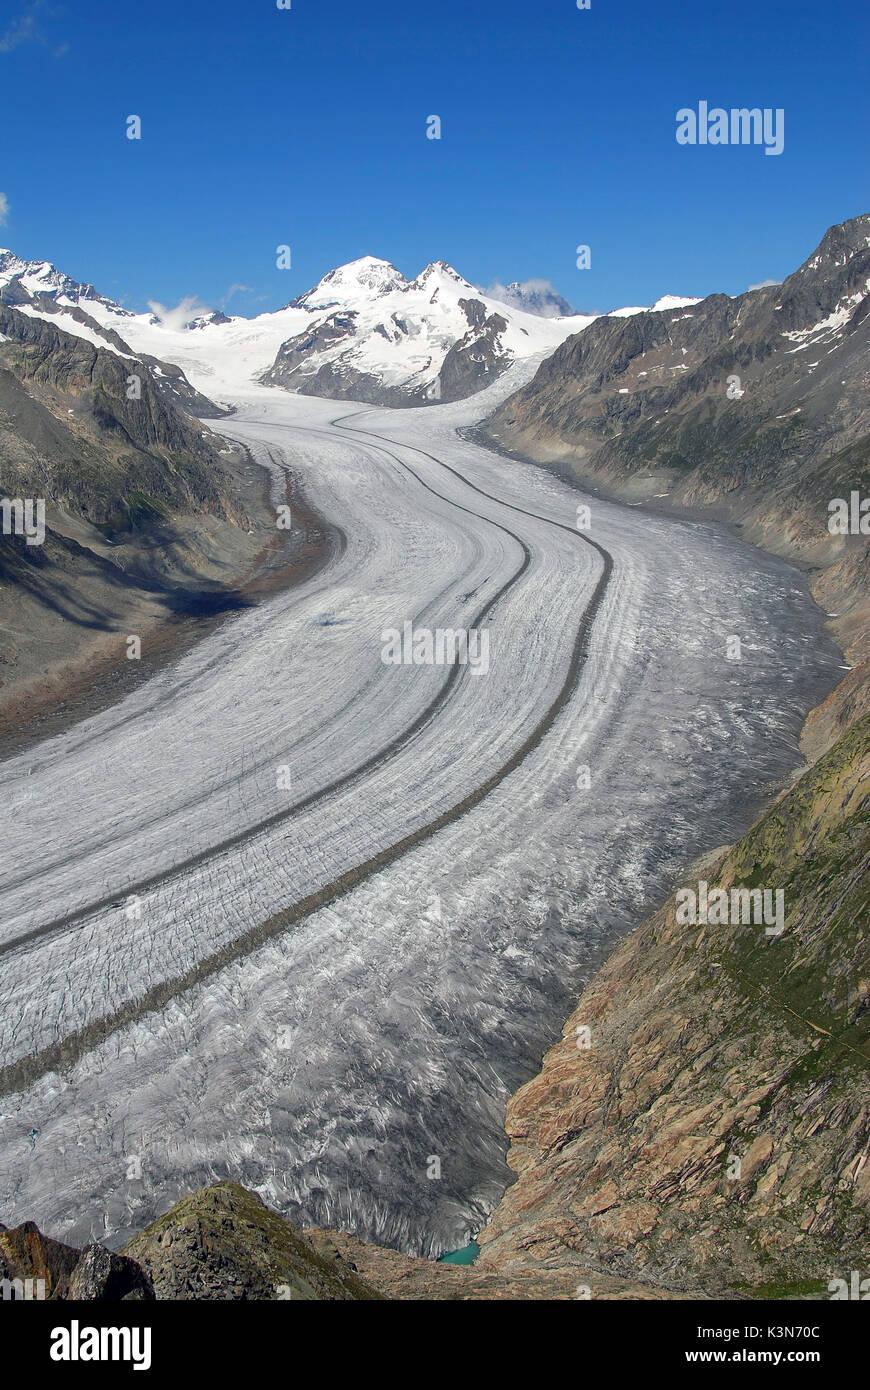 Aletsch Glacier (Aletschgletscher) from Eggishorn with Mönch on background, Berner Oberland Switzerland, - Stock Image